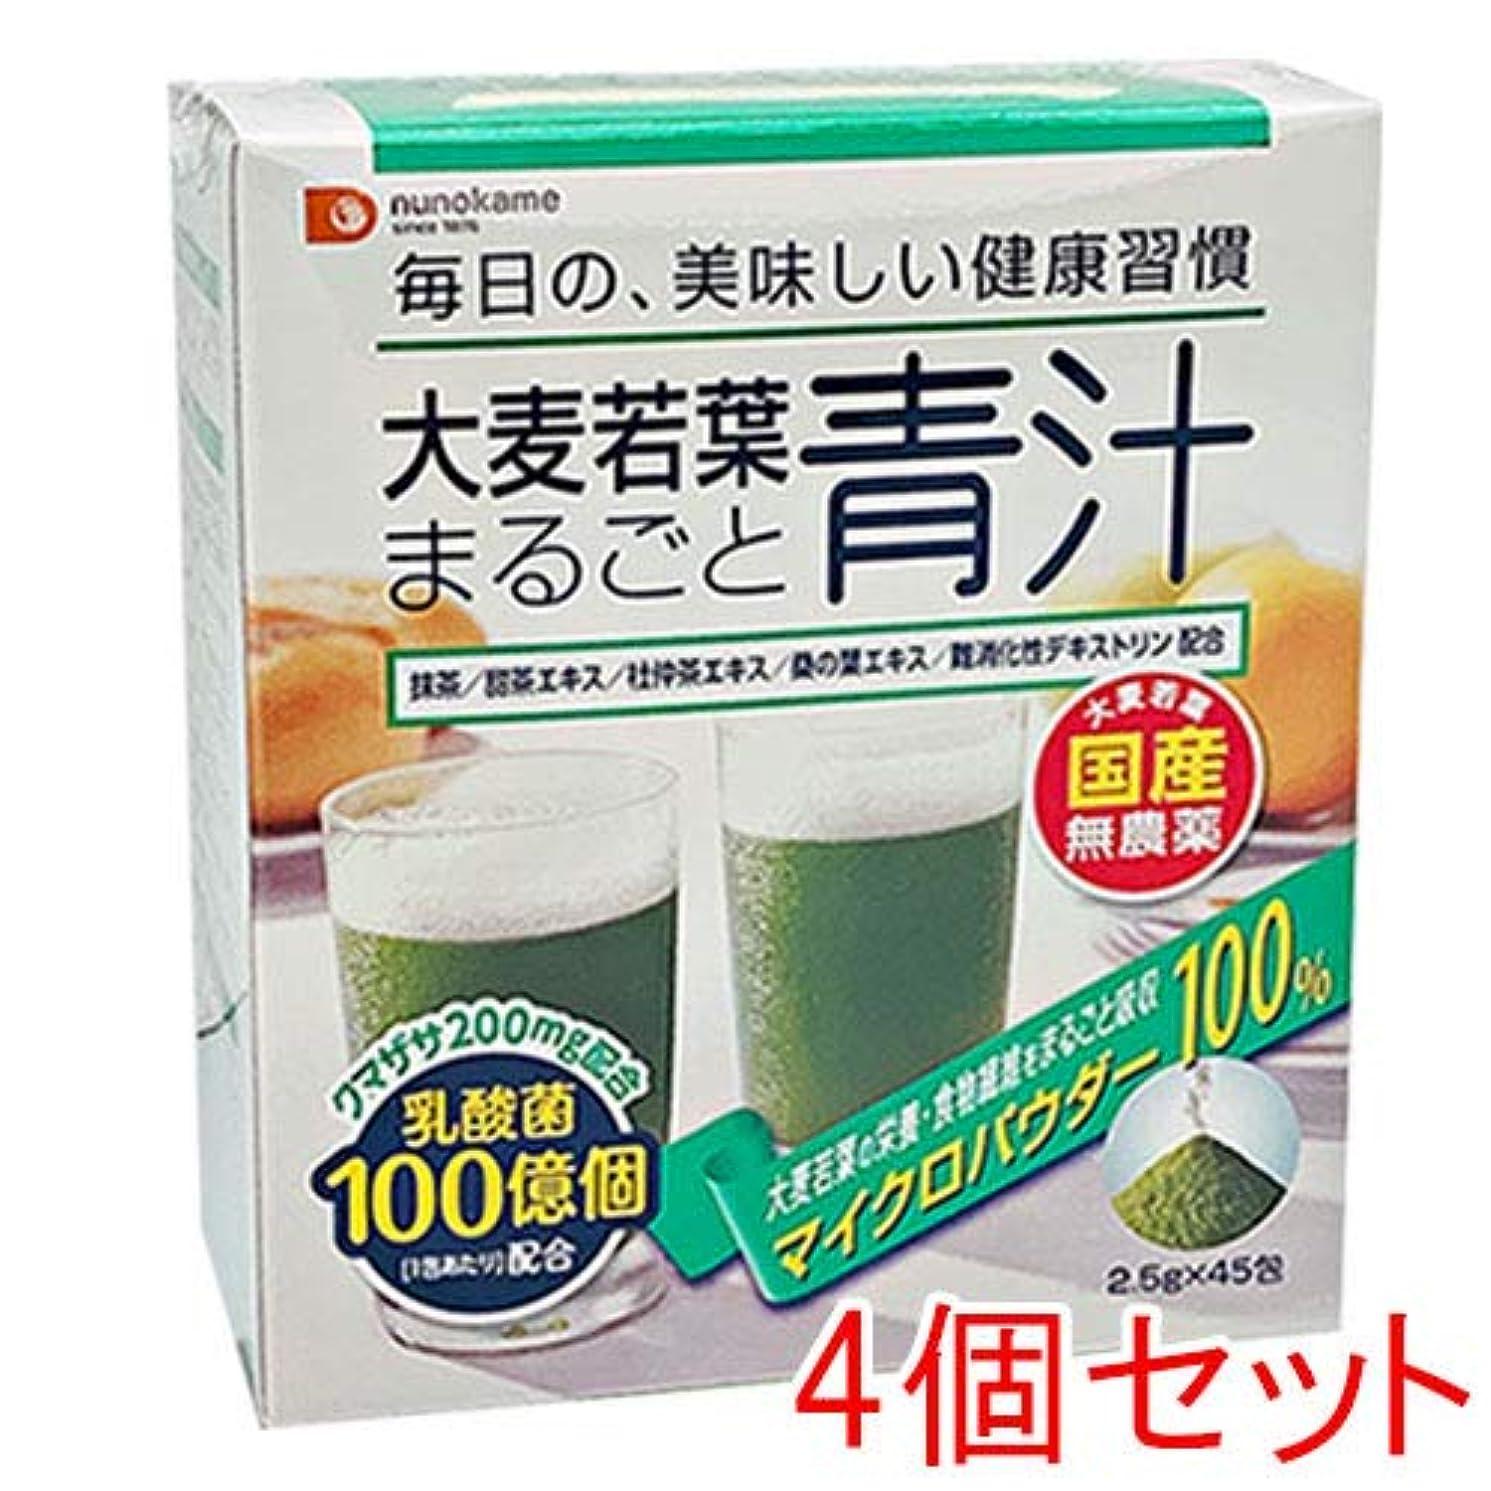 ピケ説教するランプ大麦若葉まるごと青汁 4個セット [2.5g×45包×4]